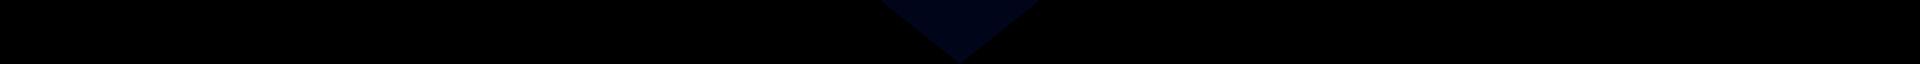 KleurenBlind – Pijl 4